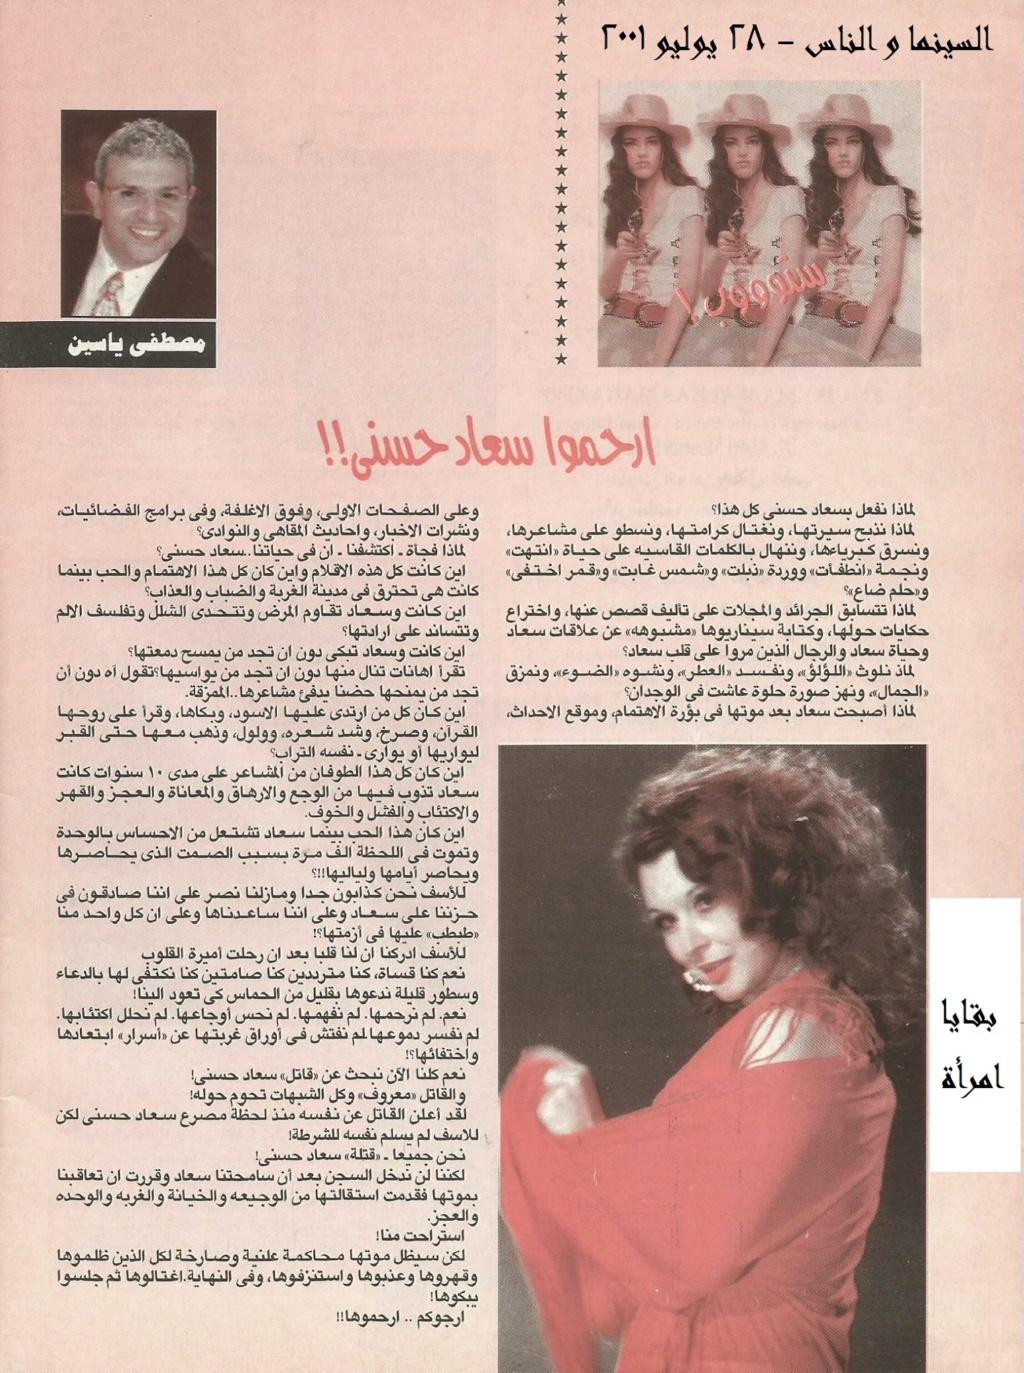 مقال صحفي : ارحموا سعاد حسني !! 2001 م Yai_c_10